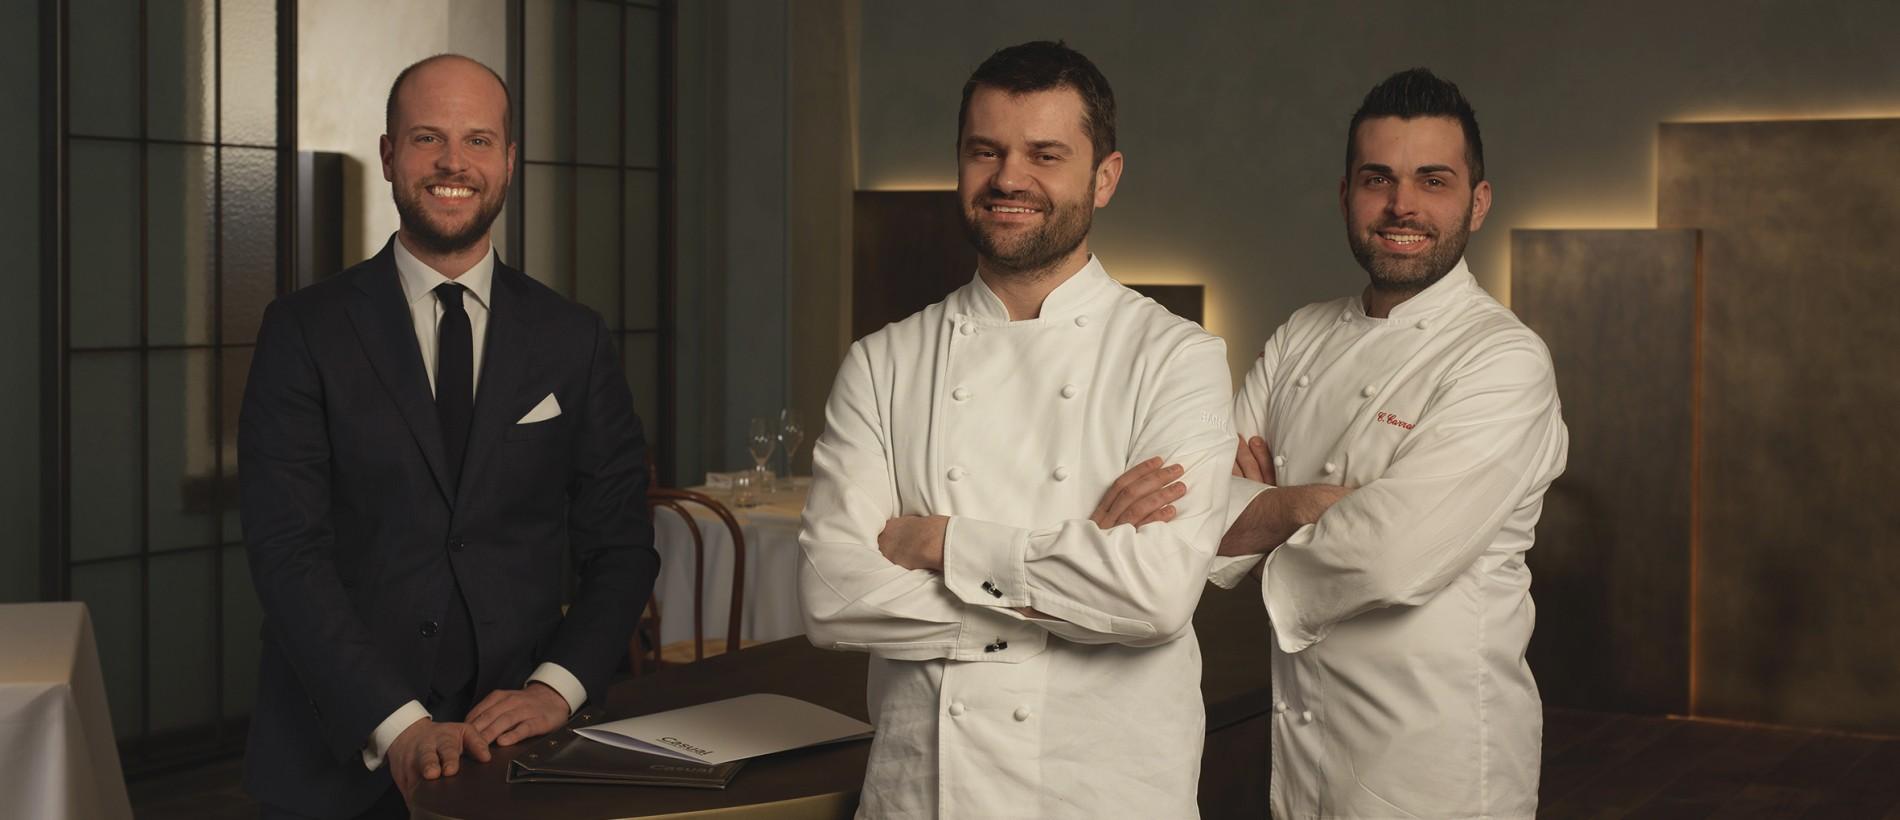 ristorante-casual-bergamo-enrico-bartolini-al-centro-con-il-direttore-marco-locatelli-e-lexecutive-chef-cristopher-carraro